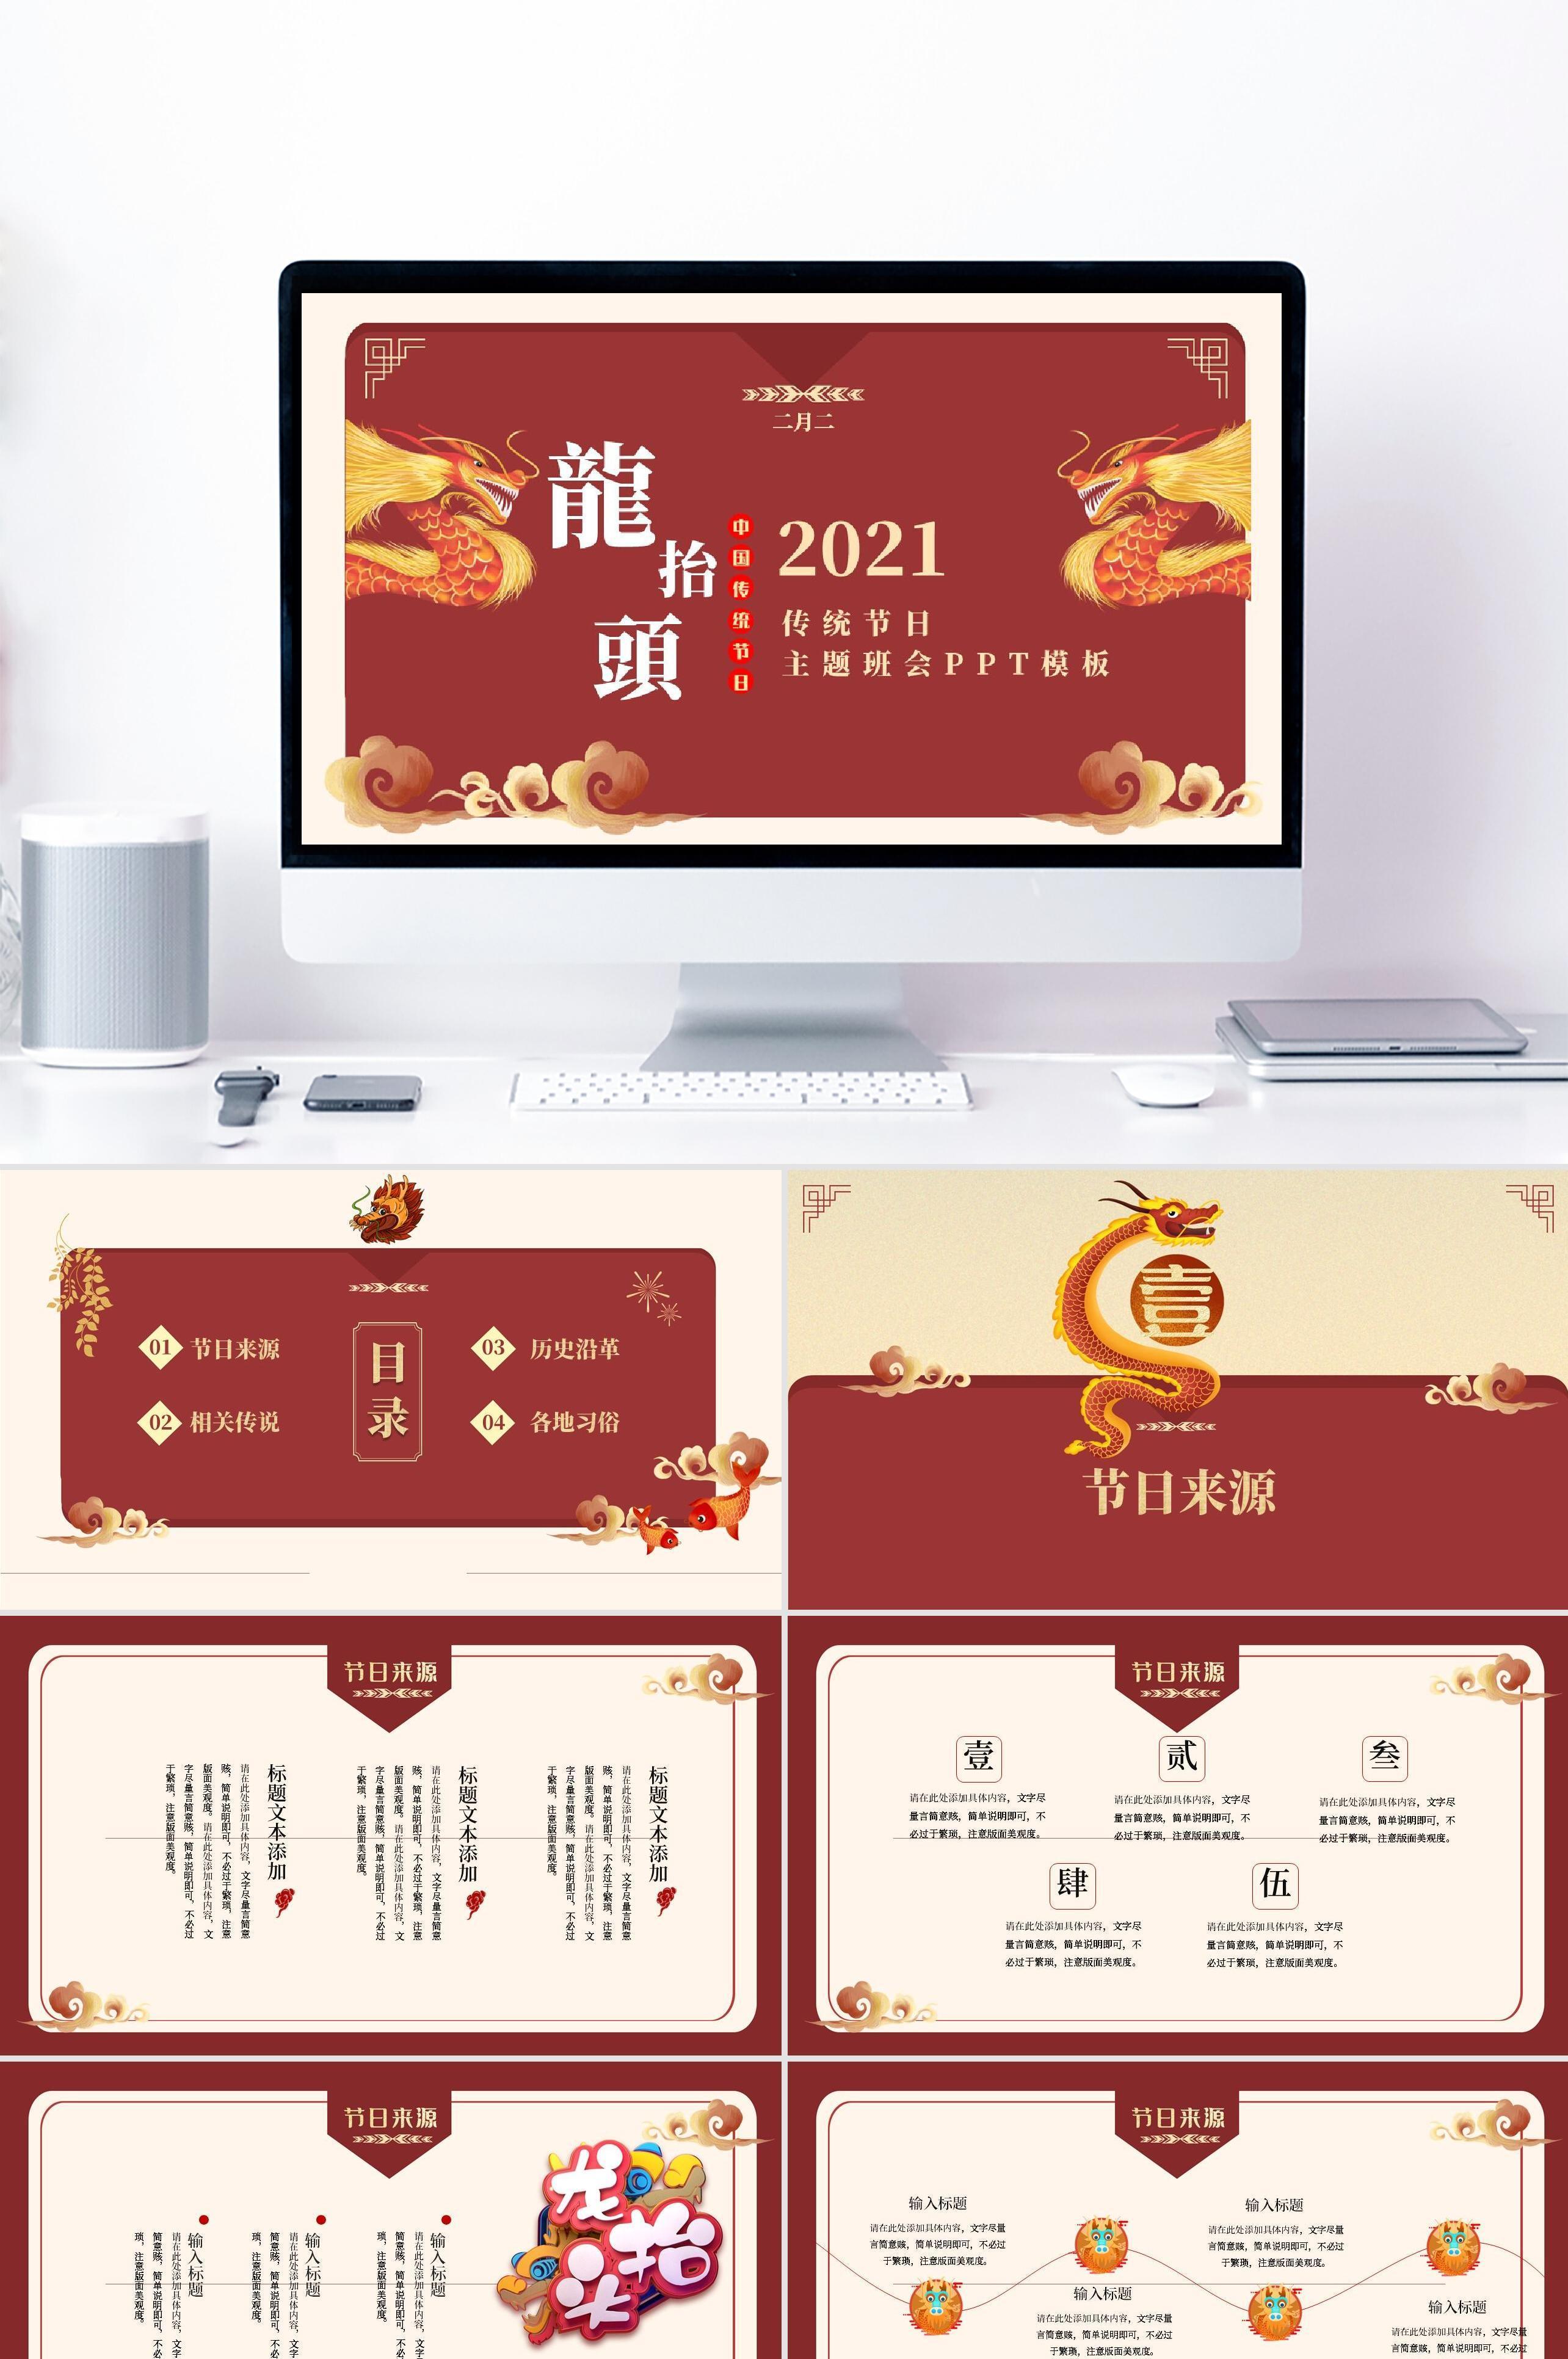 中国红中国风二月二龙抬头传统节日主题PPT模板